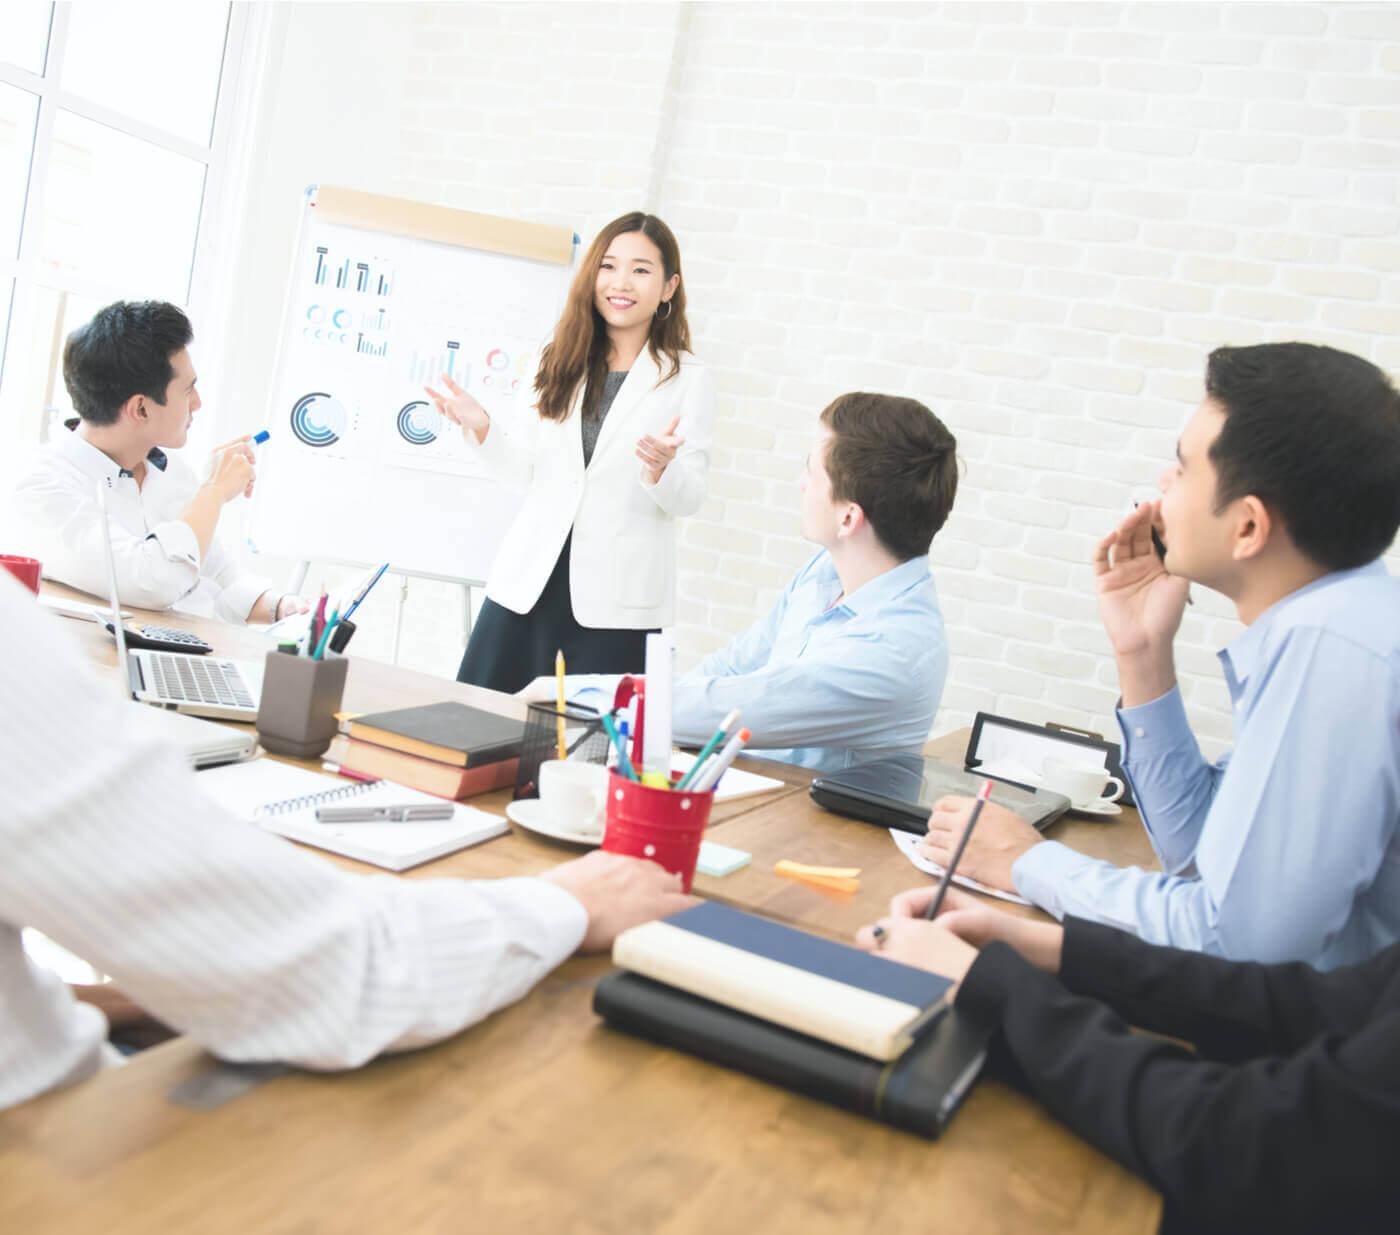 日本での就業経験3年以上の人材(高度求人)